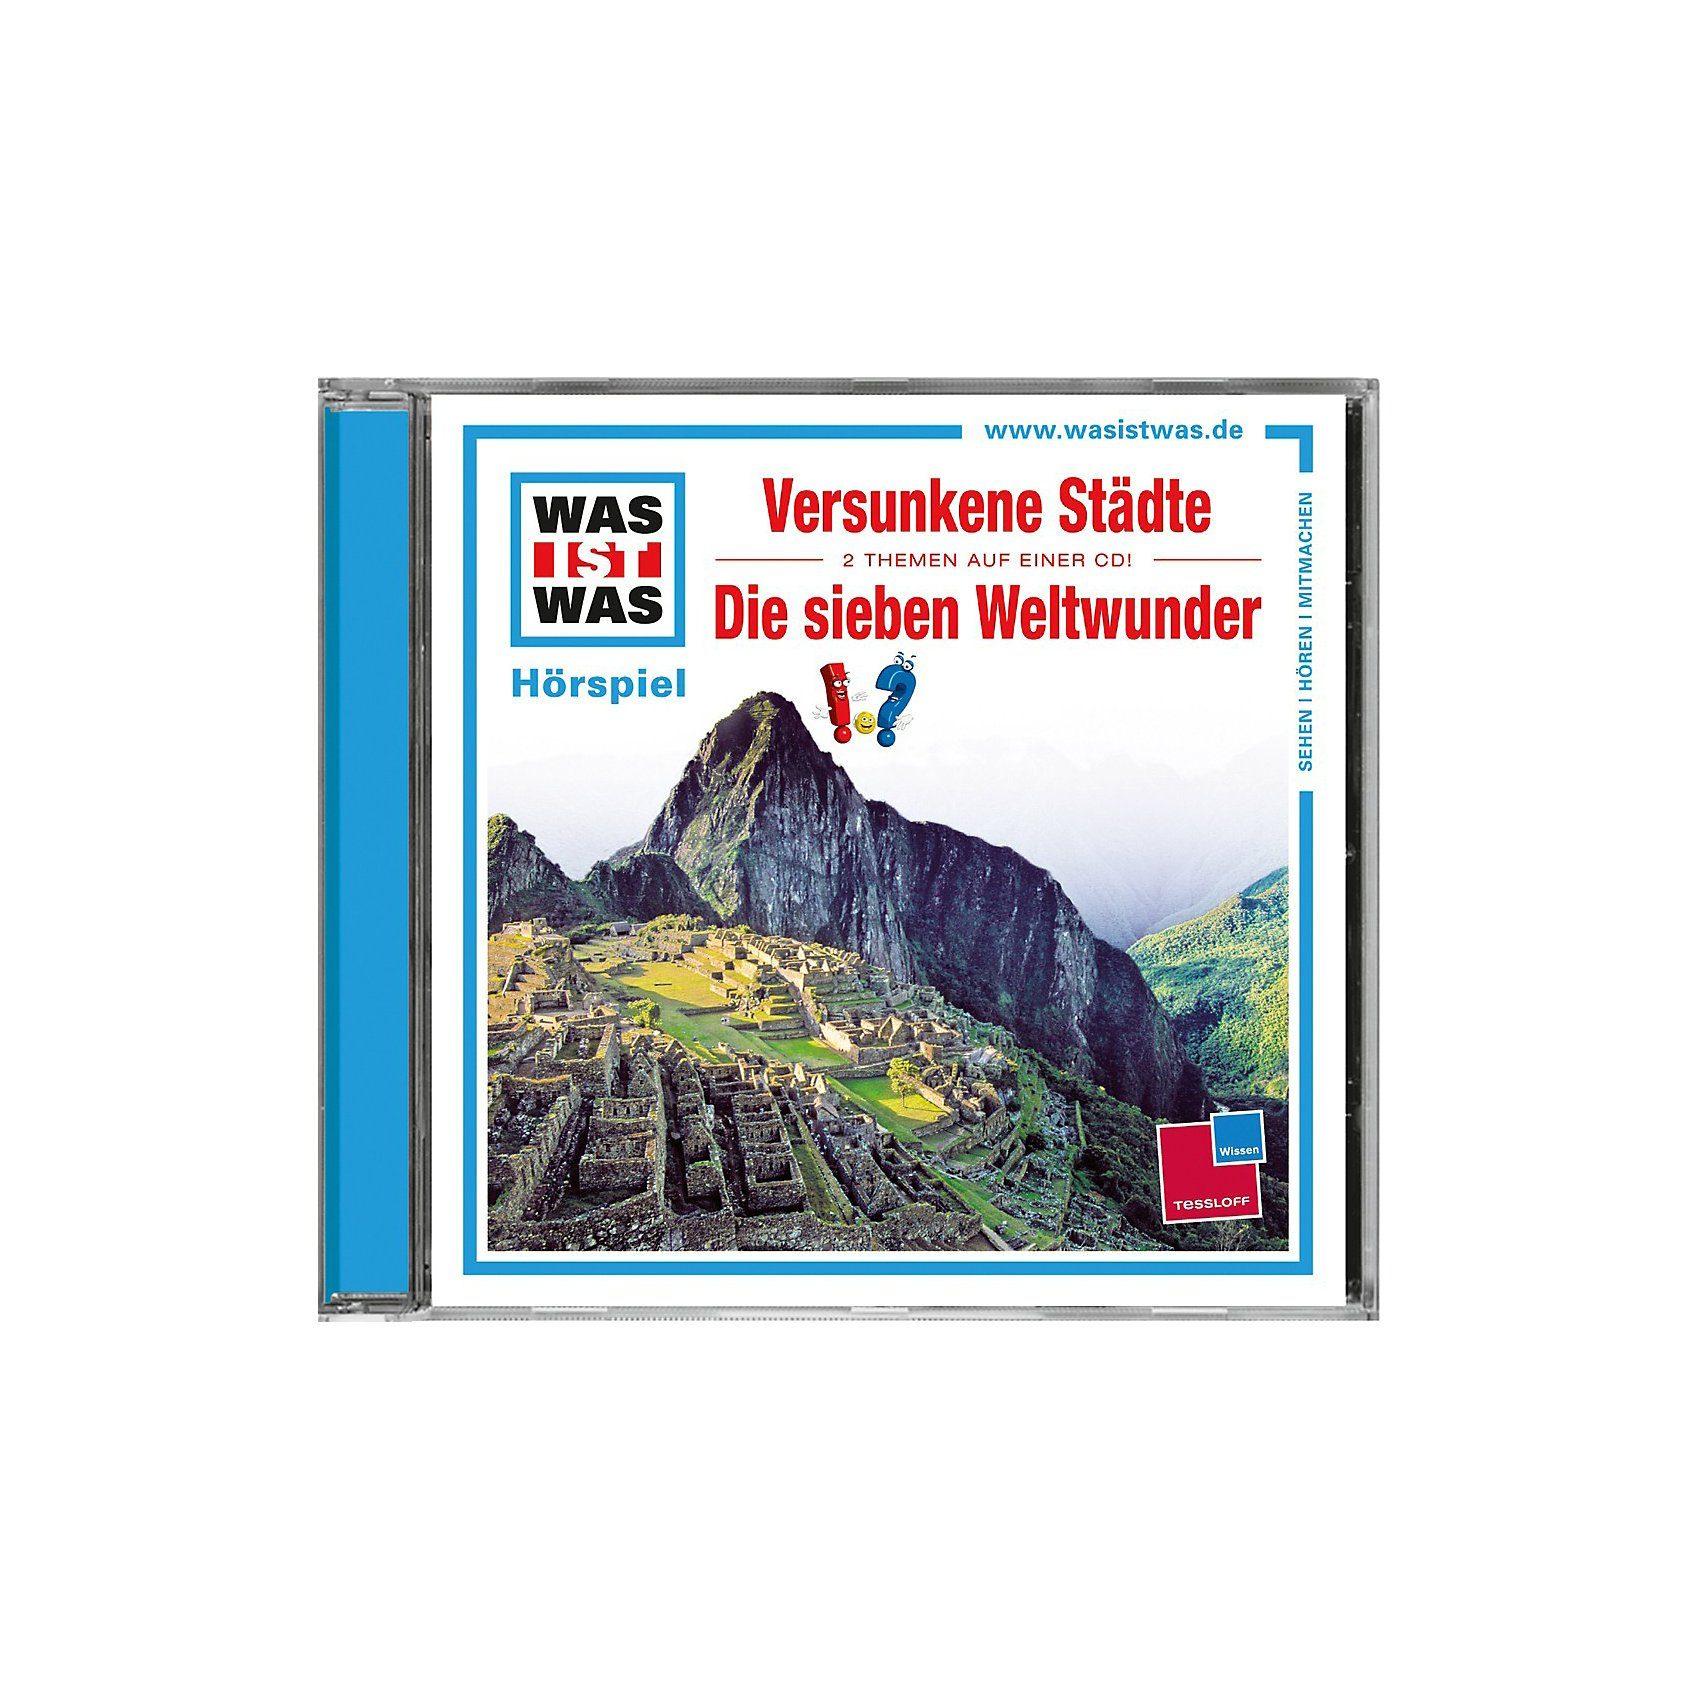 Universal CD Was ist Was 23 (Versunkene Städte/Die Sieben Weltwunder)